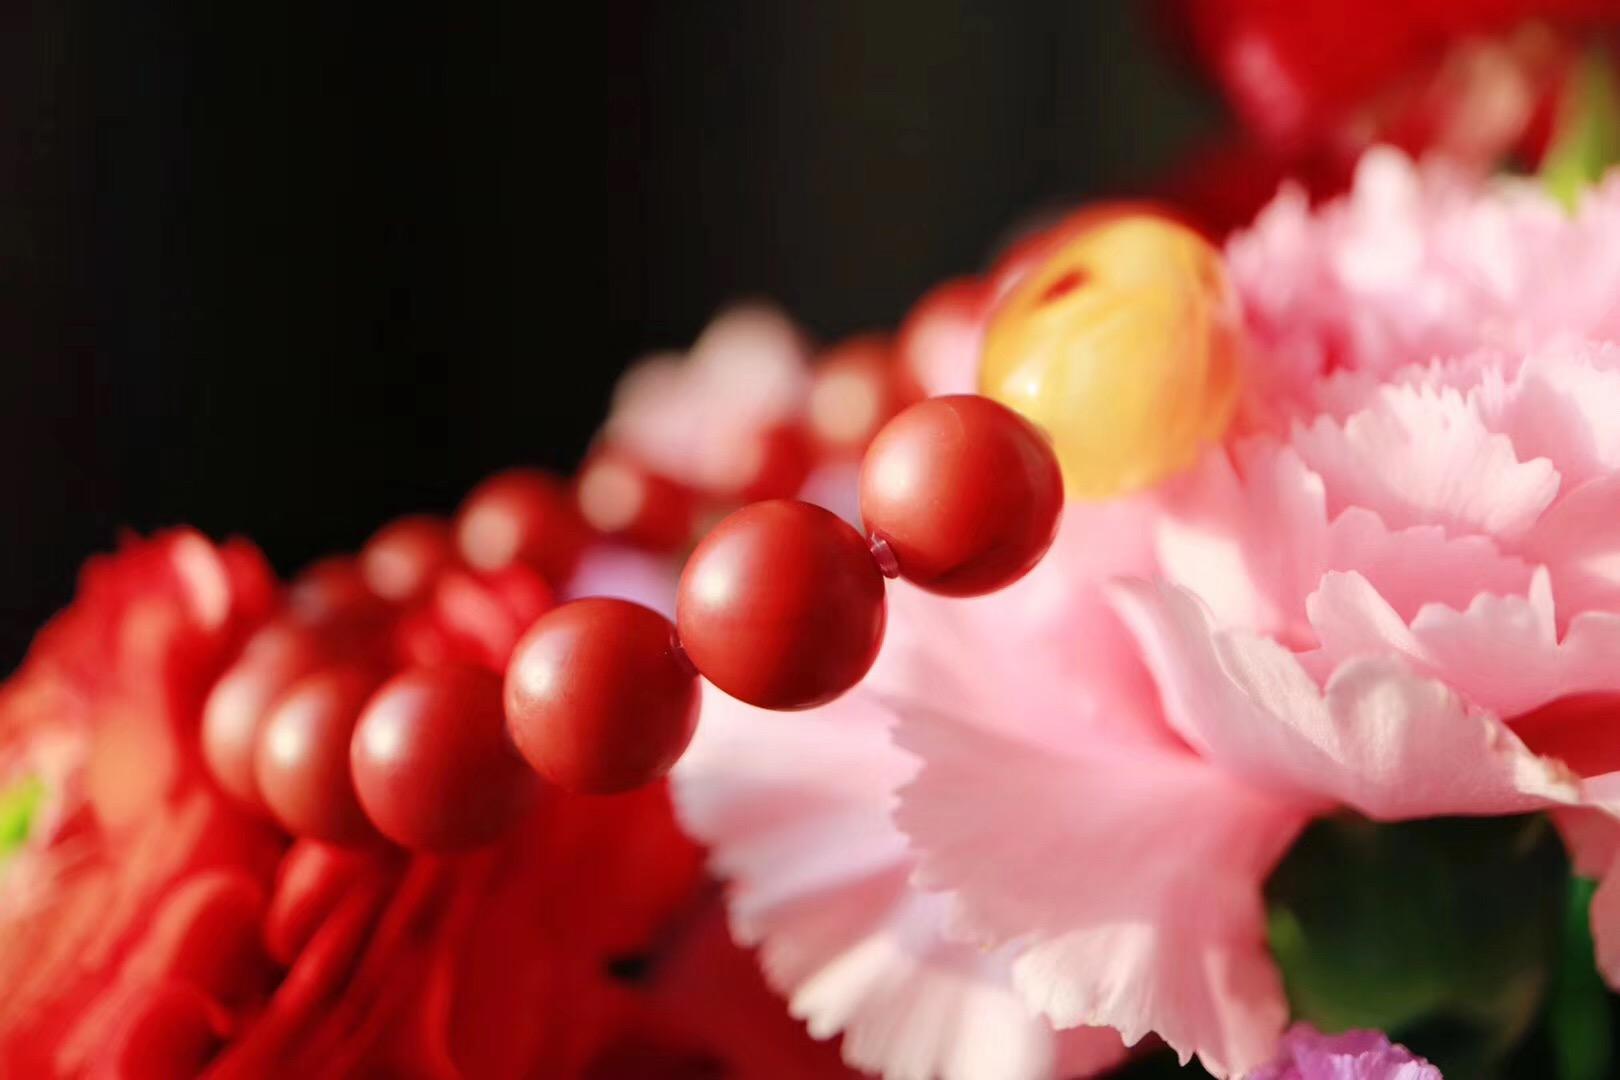 【菩心保山南红 | 蜜蜡】收藏级南红包浆珠下隐藏了几分明艳的色泽-菩心晶舍